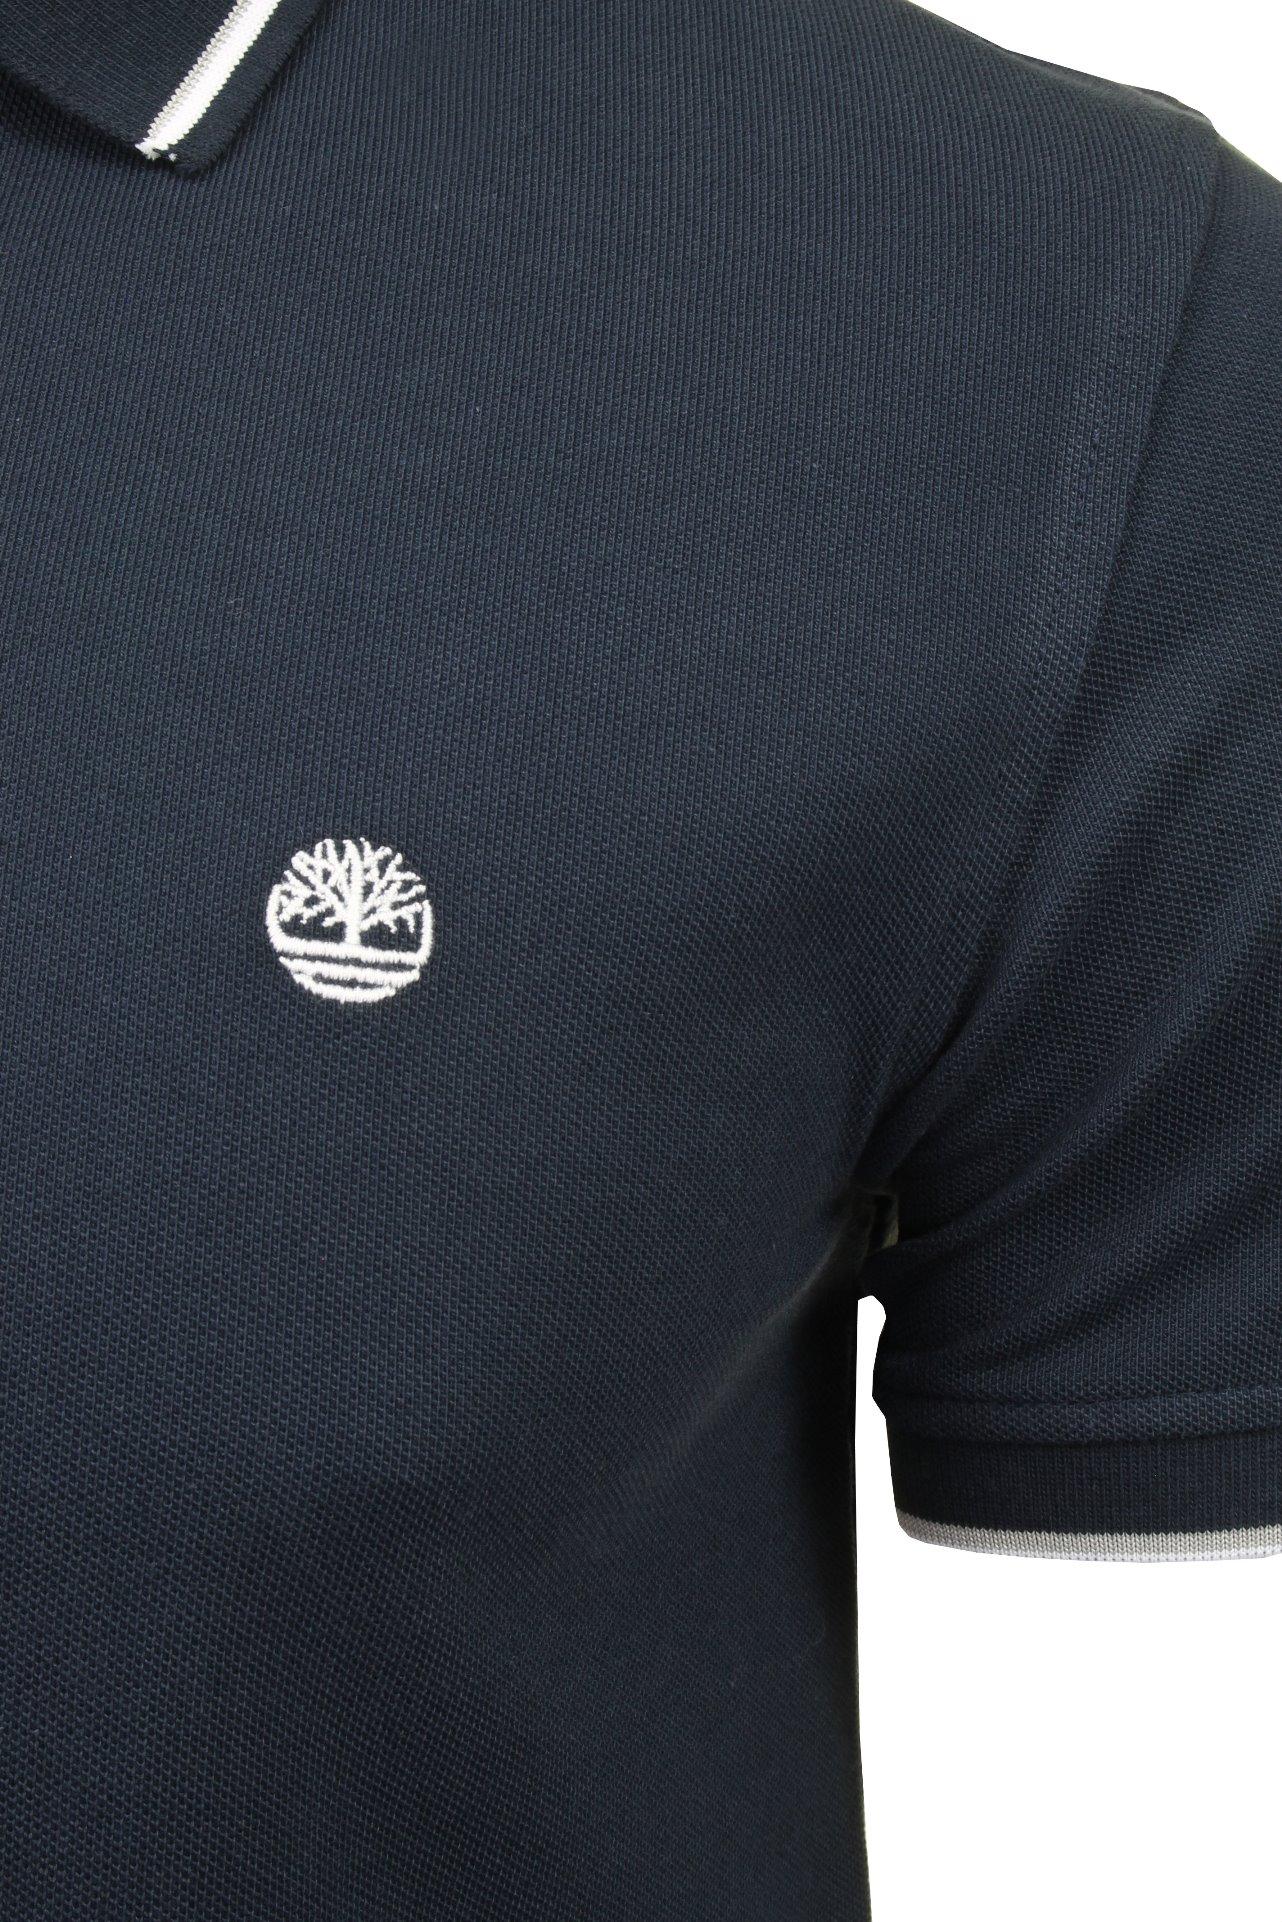 Timberland-Para-Hombres-Polo-Camiseta-039-Polo-Pique-con-punta-de-rio-Millers-Manga-corta-039 miniatura 4